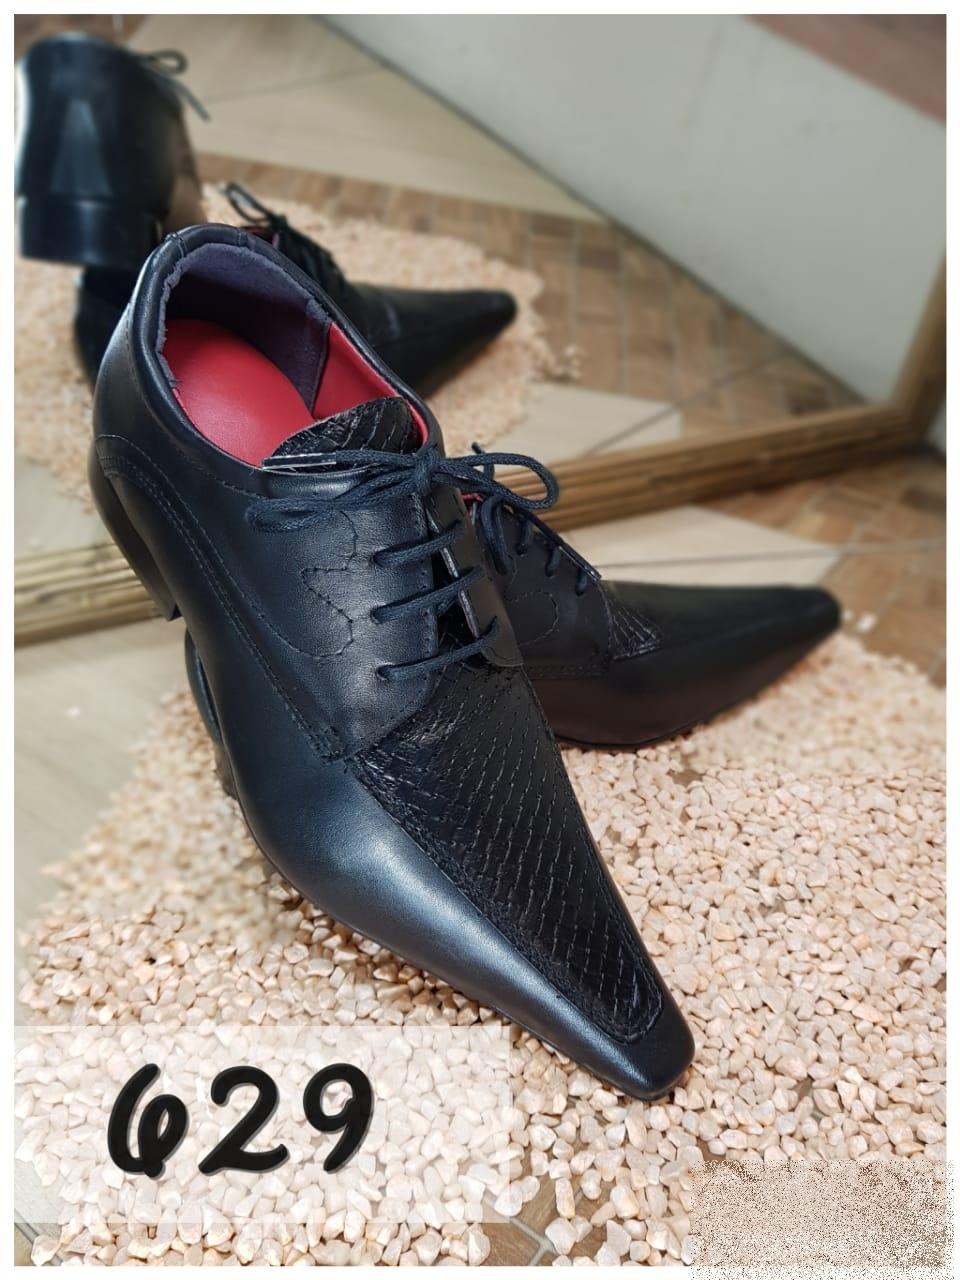 Sapatos social clássico em preto com bico fino